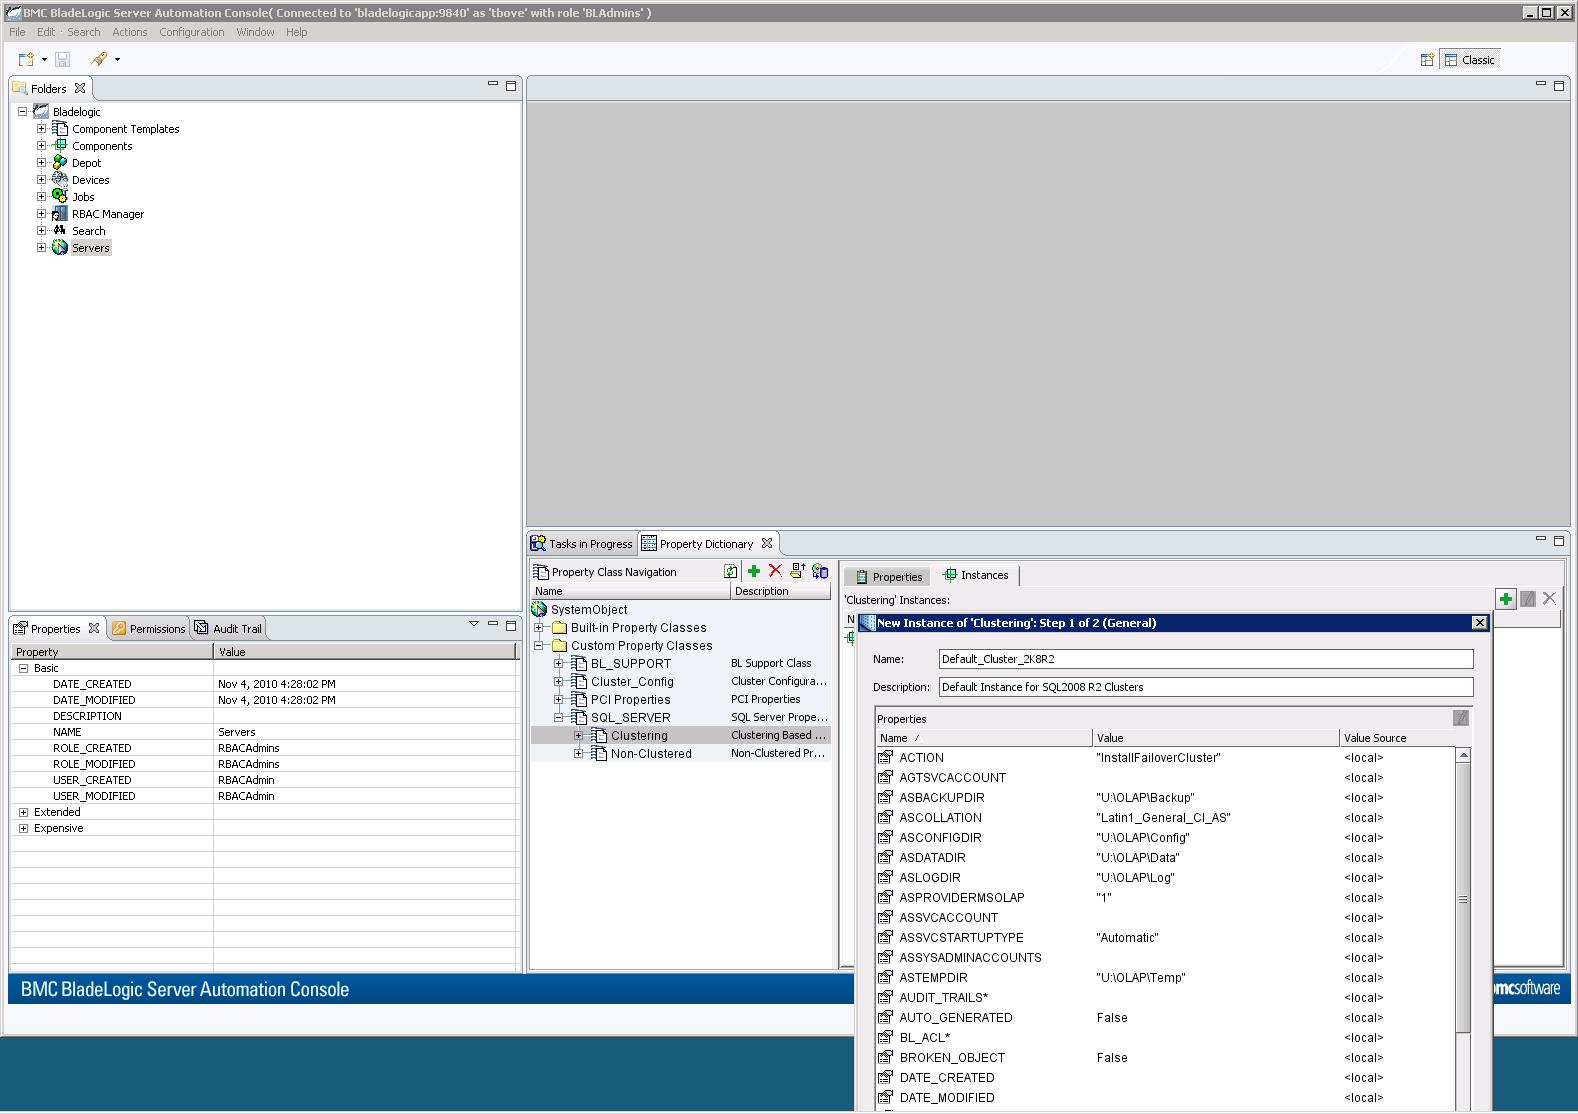 How to deploy SQL Server 2008 R2 Cluster - Documentation for